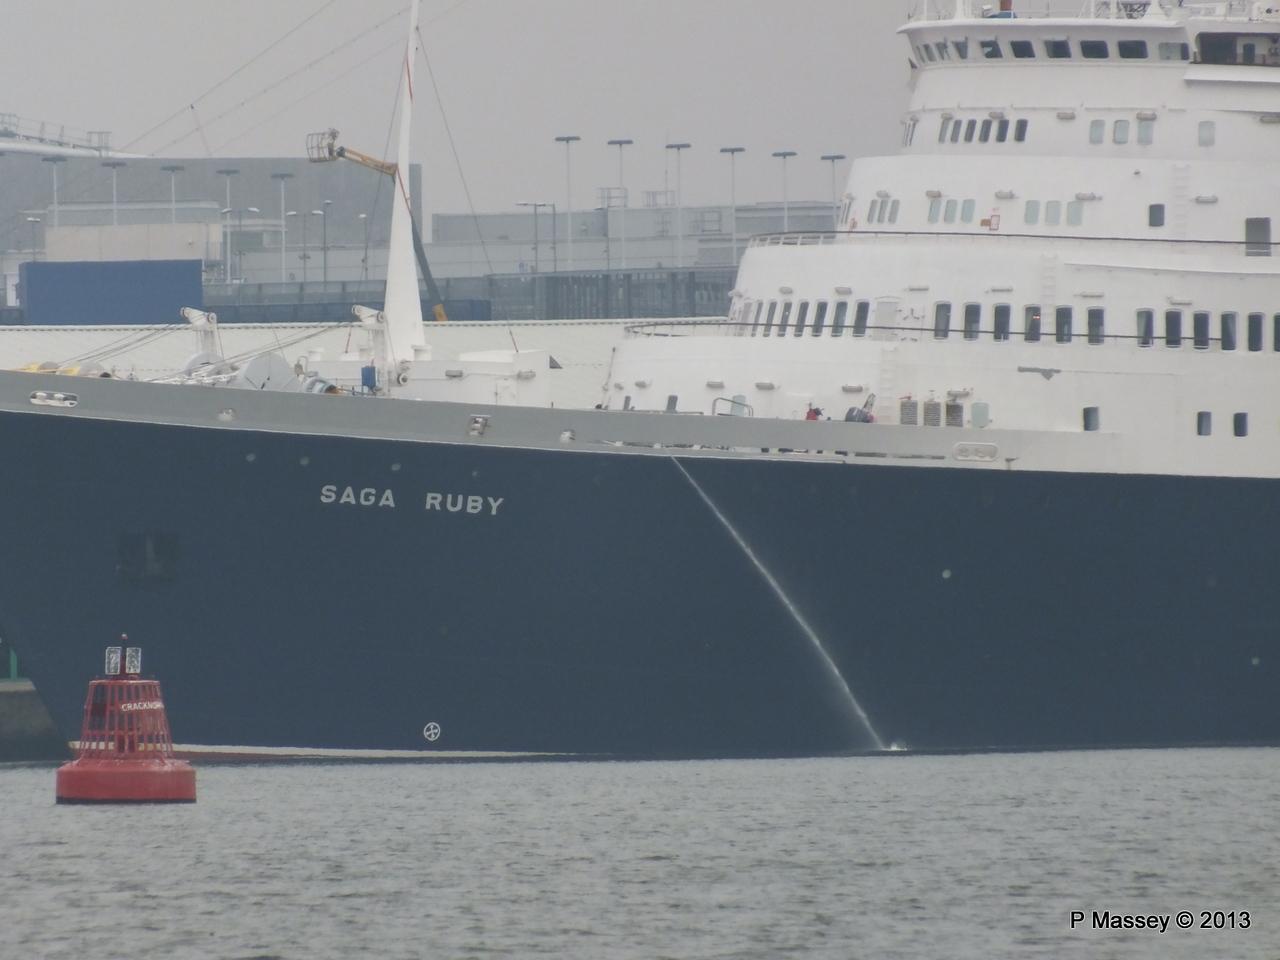 SAGA RUBY Southampton PDM 24-01-2013 11-36-52